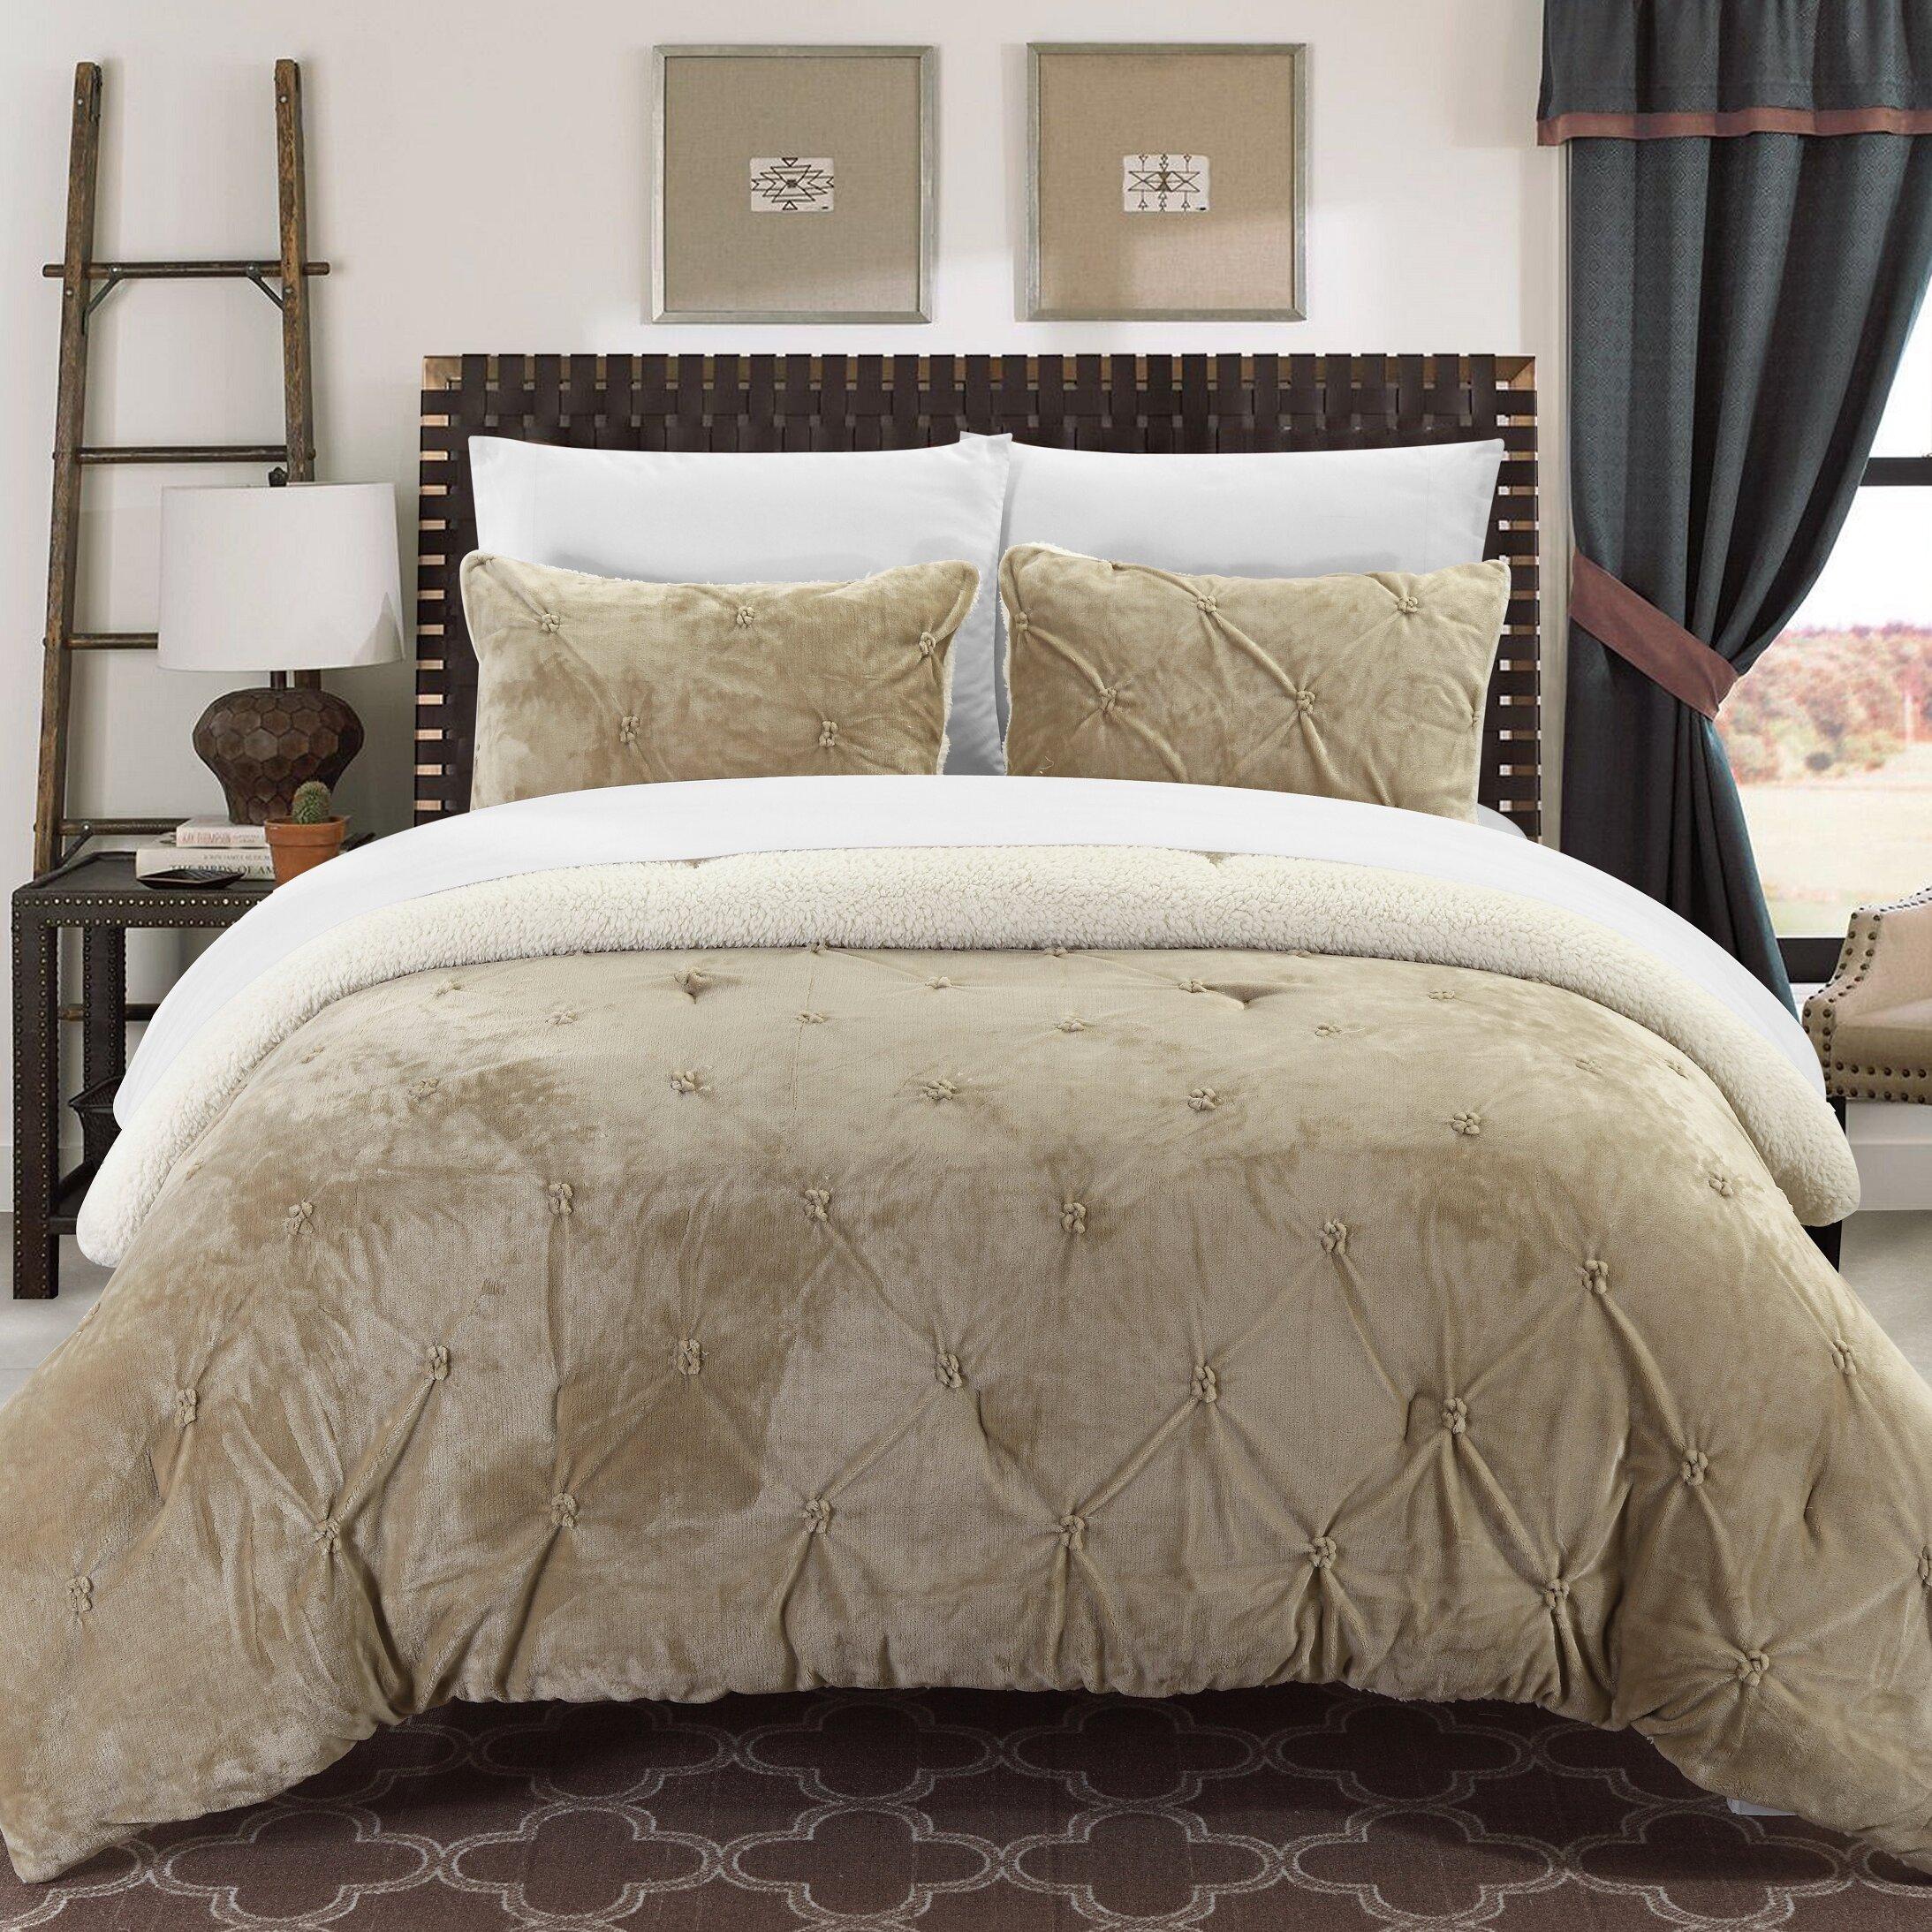 Living Color Sherpa Comforter   Chic Home Design Comforter Sets